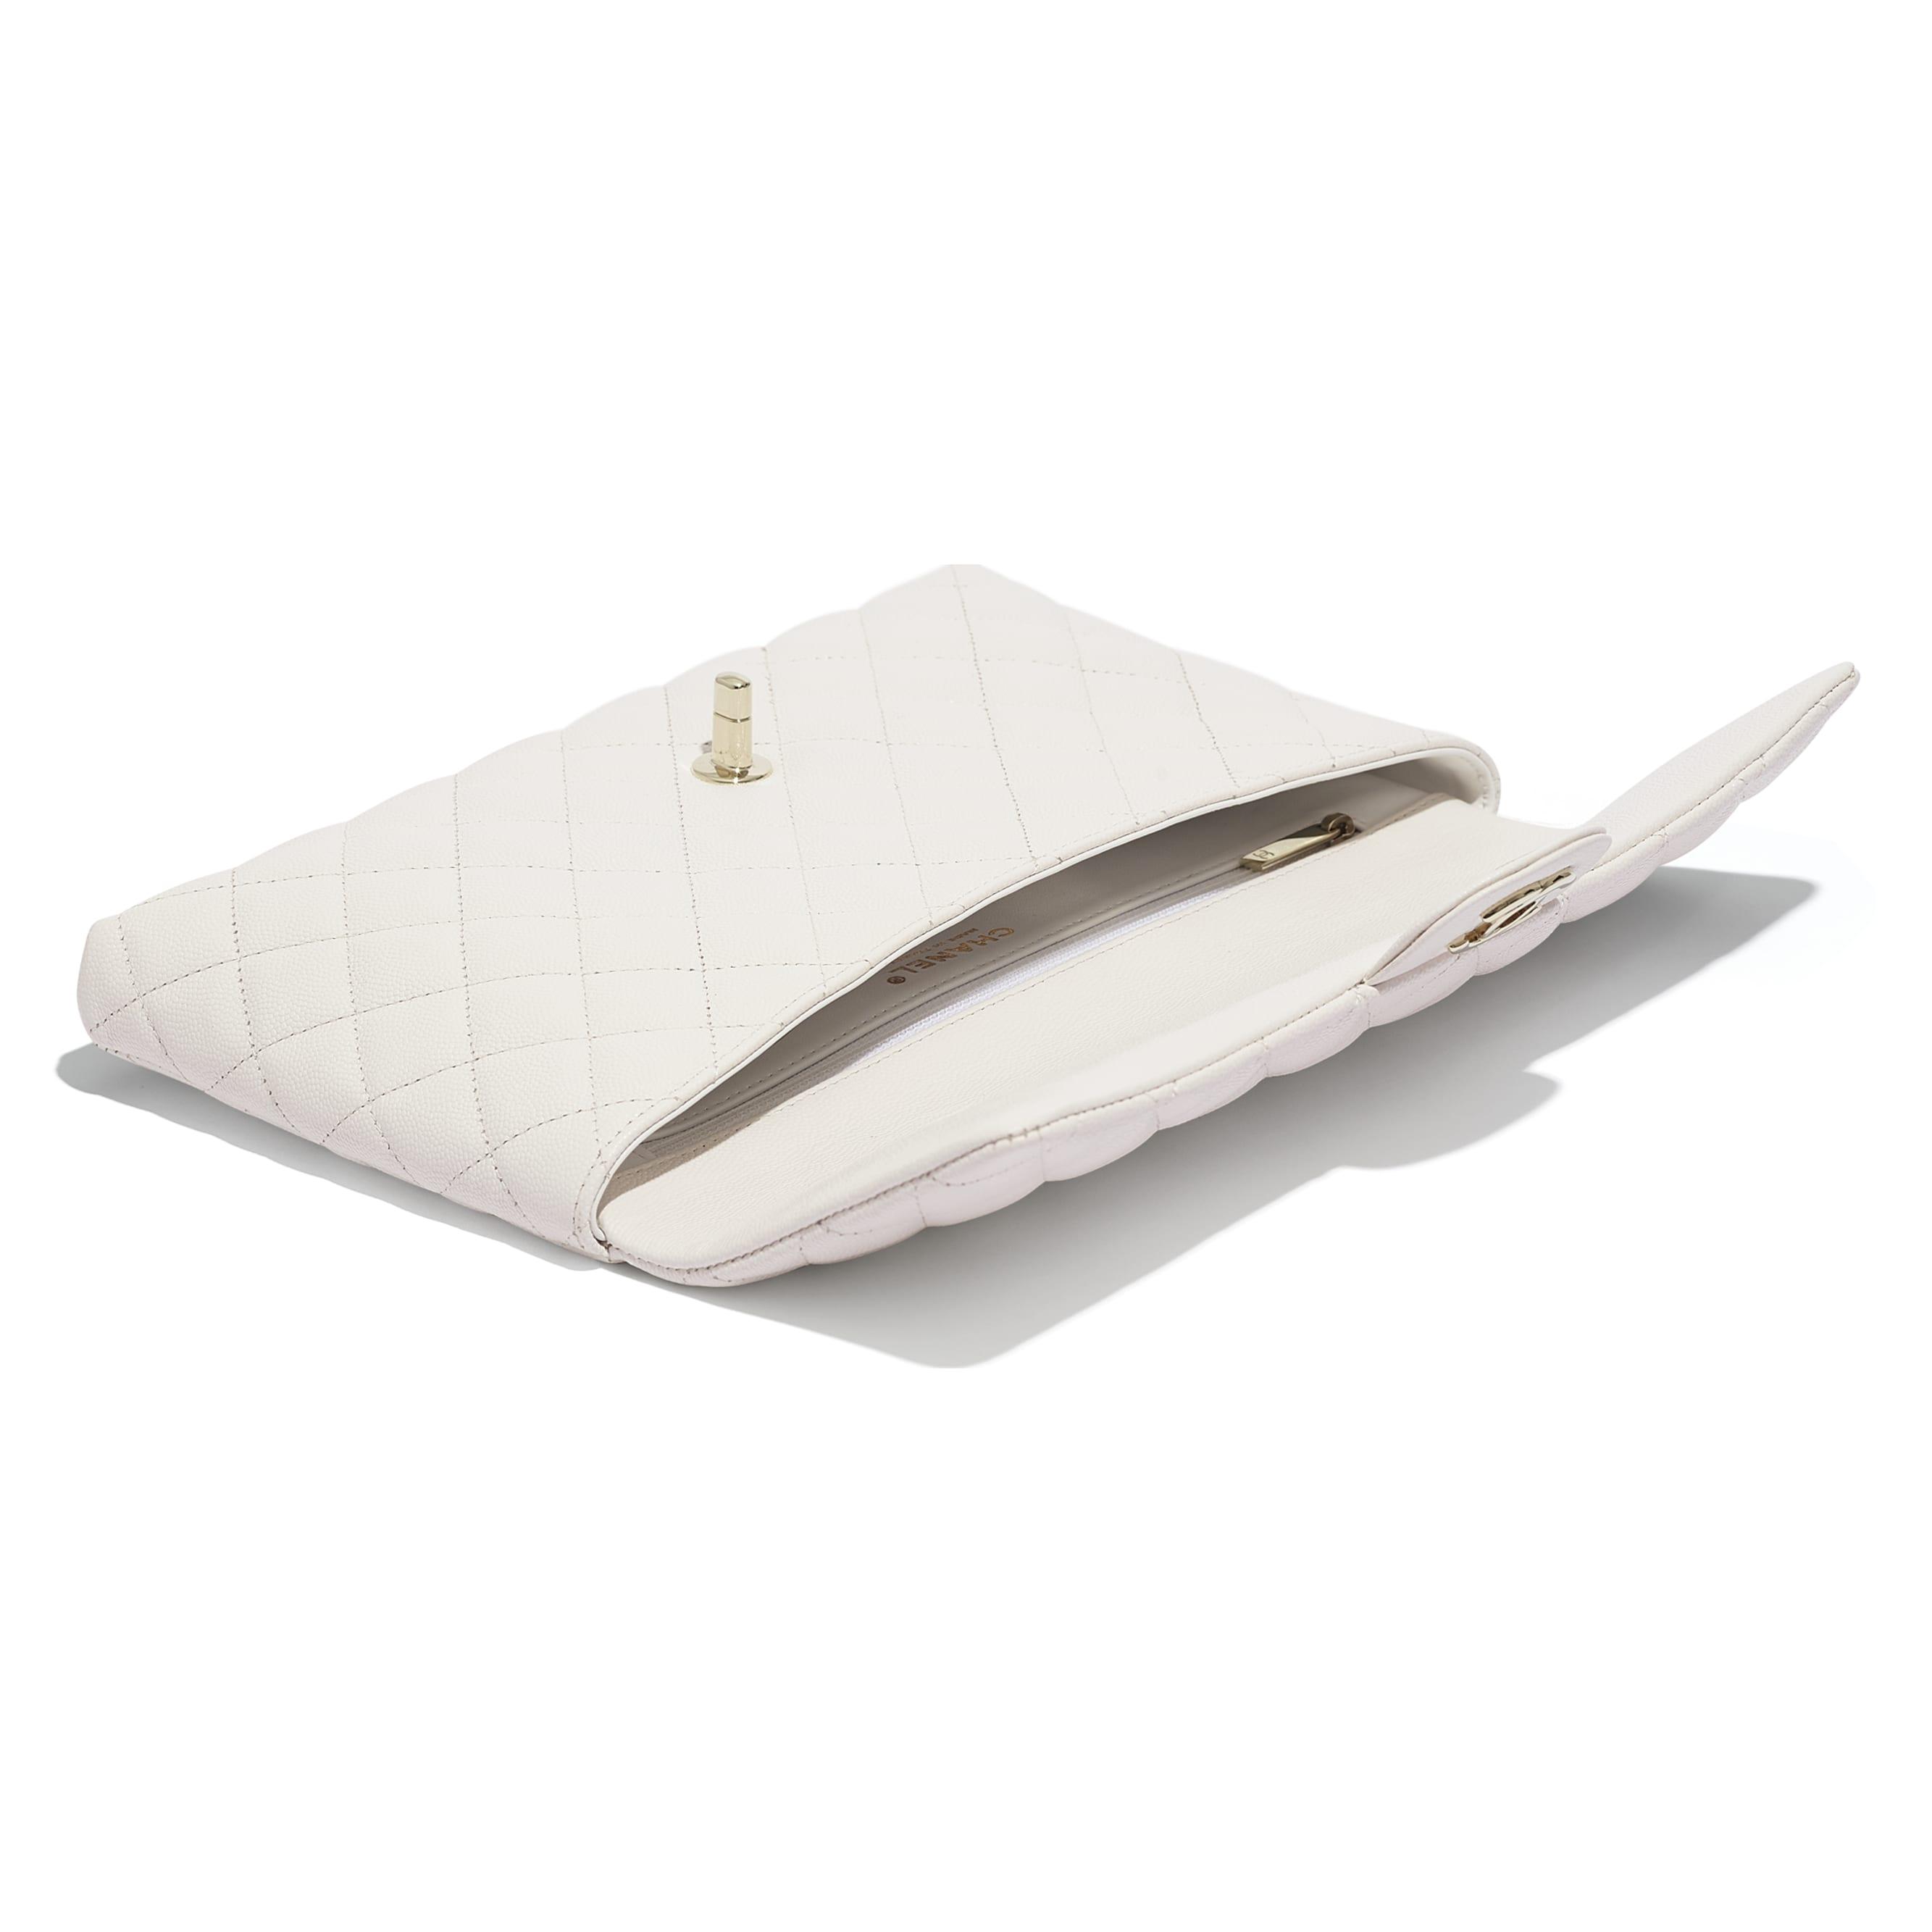 กระเป๋าคลัทช์ - สีขาว - หนังลูกวัวลายเกรน, โลหะสีทอง - มุมมองอื่น - ดูเวอร์ชันขนาดมาตรฐาน